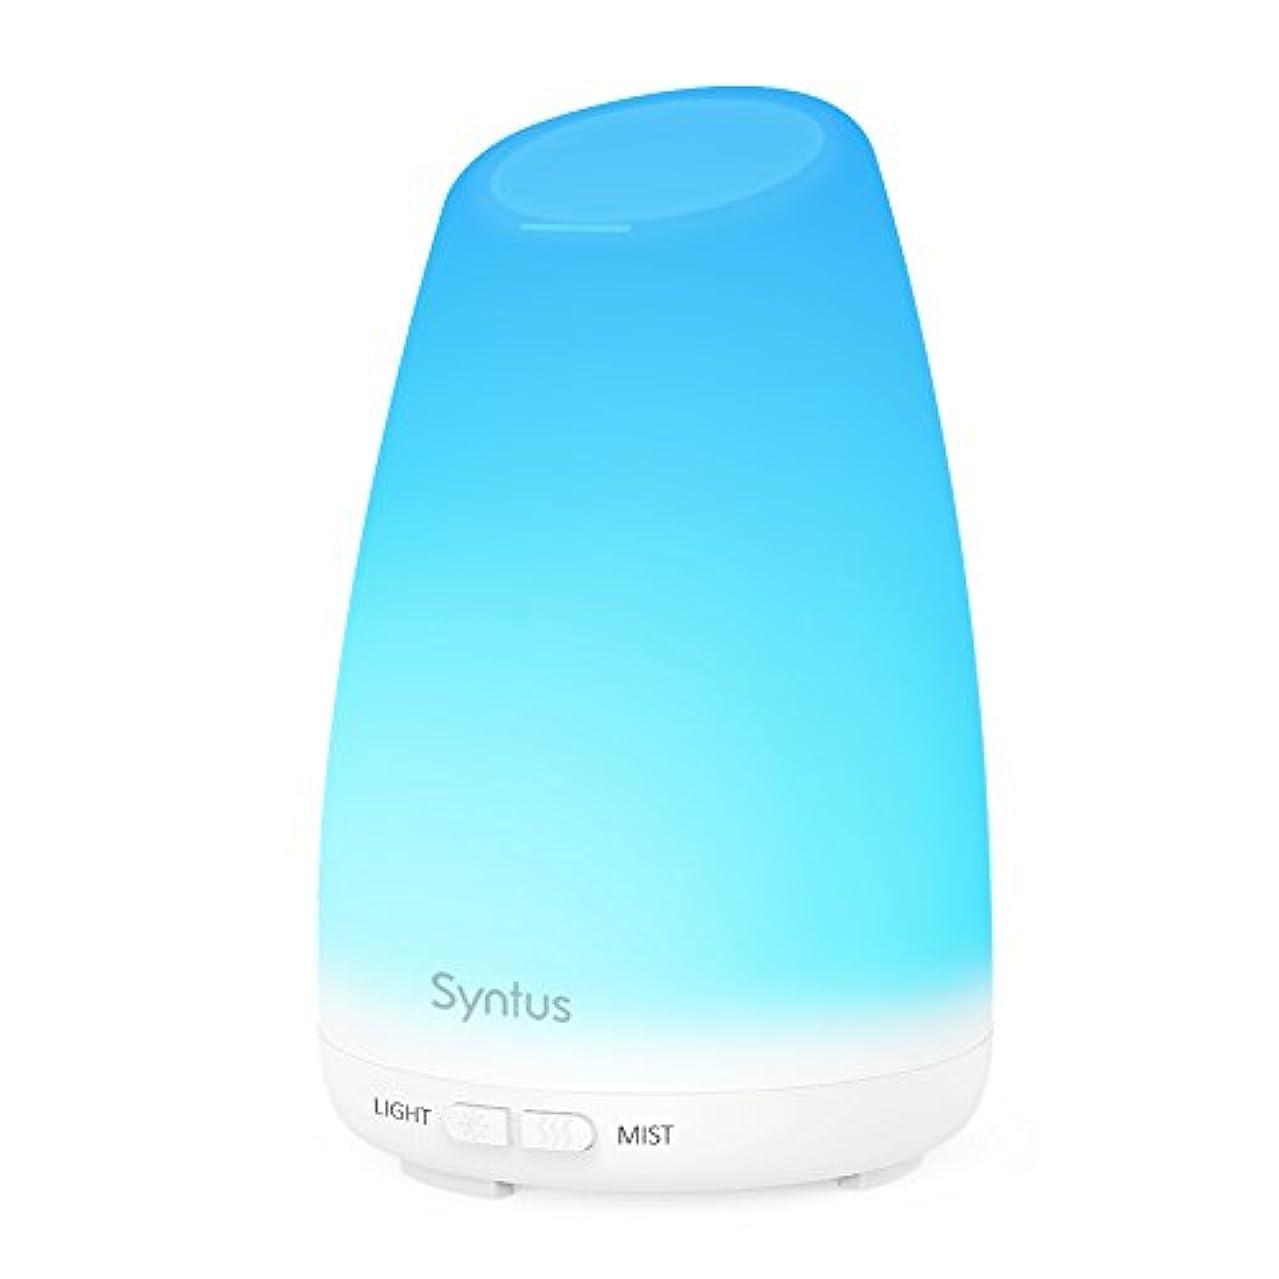 擬人化造船まもなくSyntus 150ml エッセンシャルオイルディフューザー ポータブル超音波式アロマセラピーディフューザー 7色に変わるLEDライト 変更可能なミストモード 水切れ自動停止機能